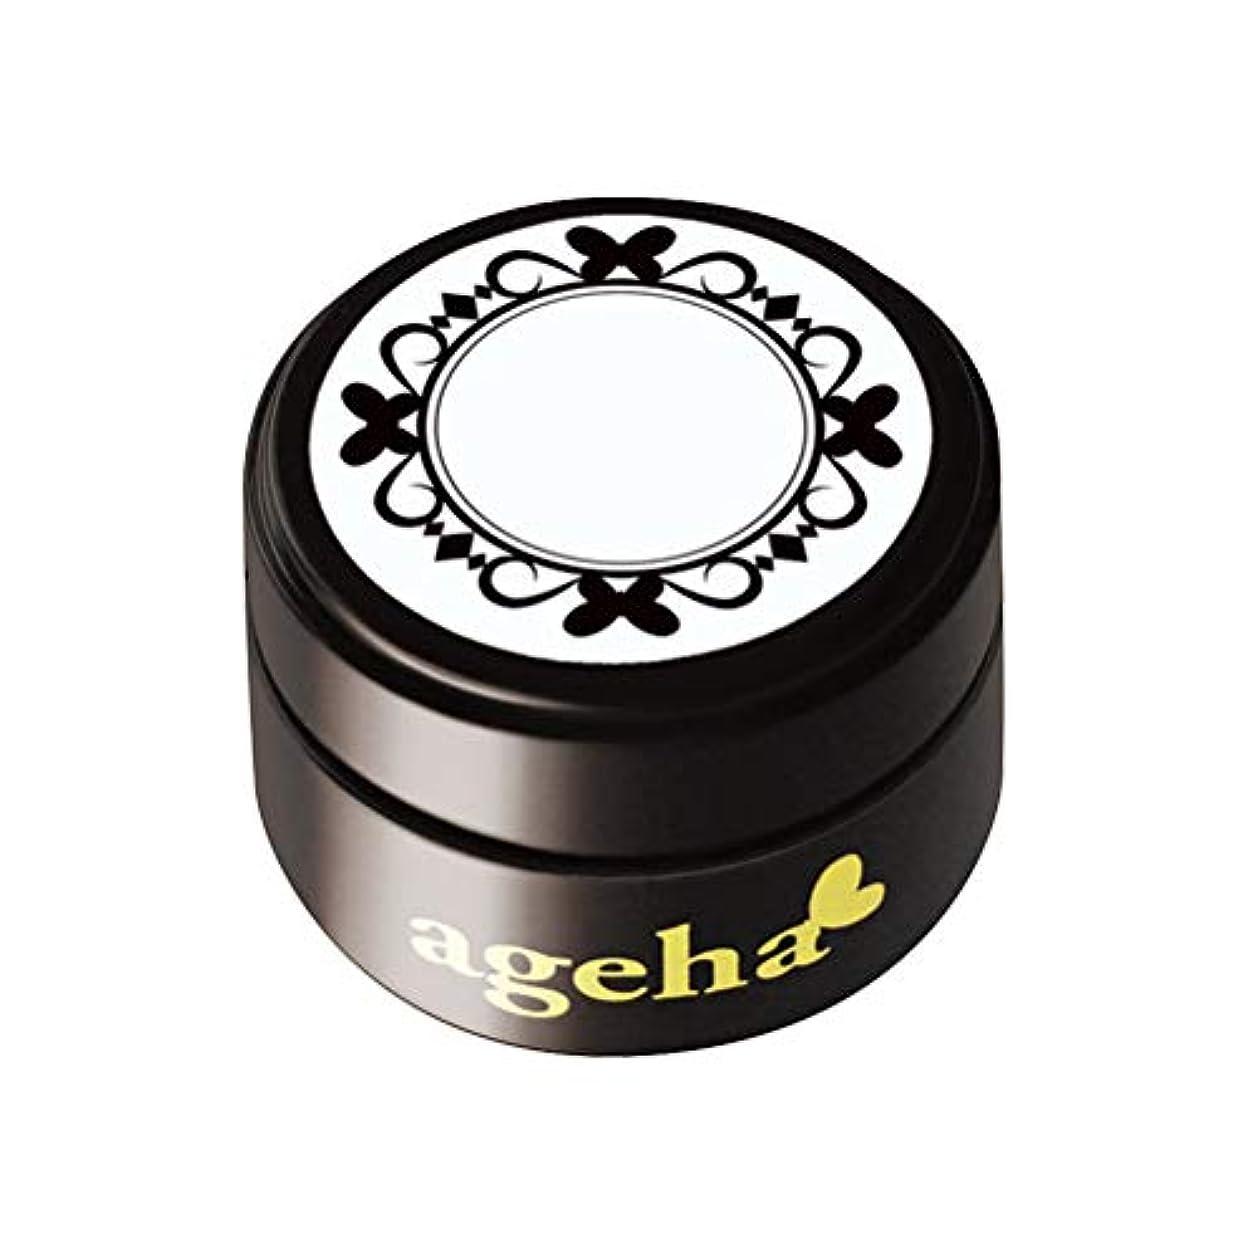 専らガラガラ簡潔なagehagel(アゲハジェル) ageha コスメカラー 135 ピンキーG?MIX 2.7g UV/LED対応 ジェルネイル